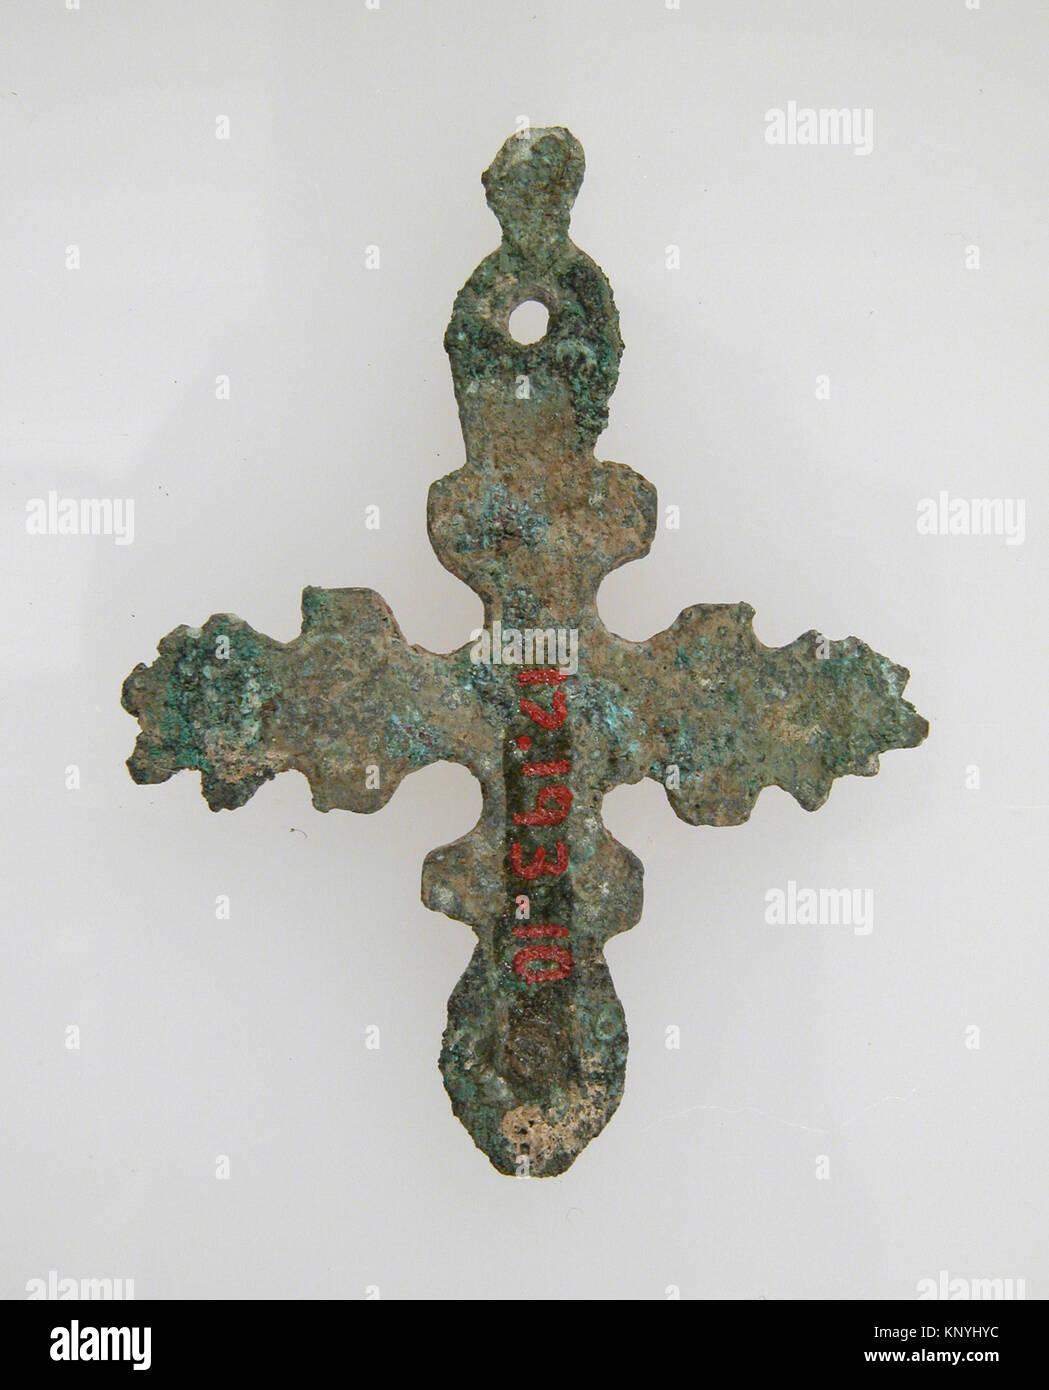 Cross met sf17 193 10s2 465405 frankish cross 500600 copper cross met sf17 193 10s2 465405 frankish cross 500600 copper alloy overall 1 916 x 1 316 x 116 in 4 x 3 x 01 cm the metropolitan museum of art buycottarizona Image collections